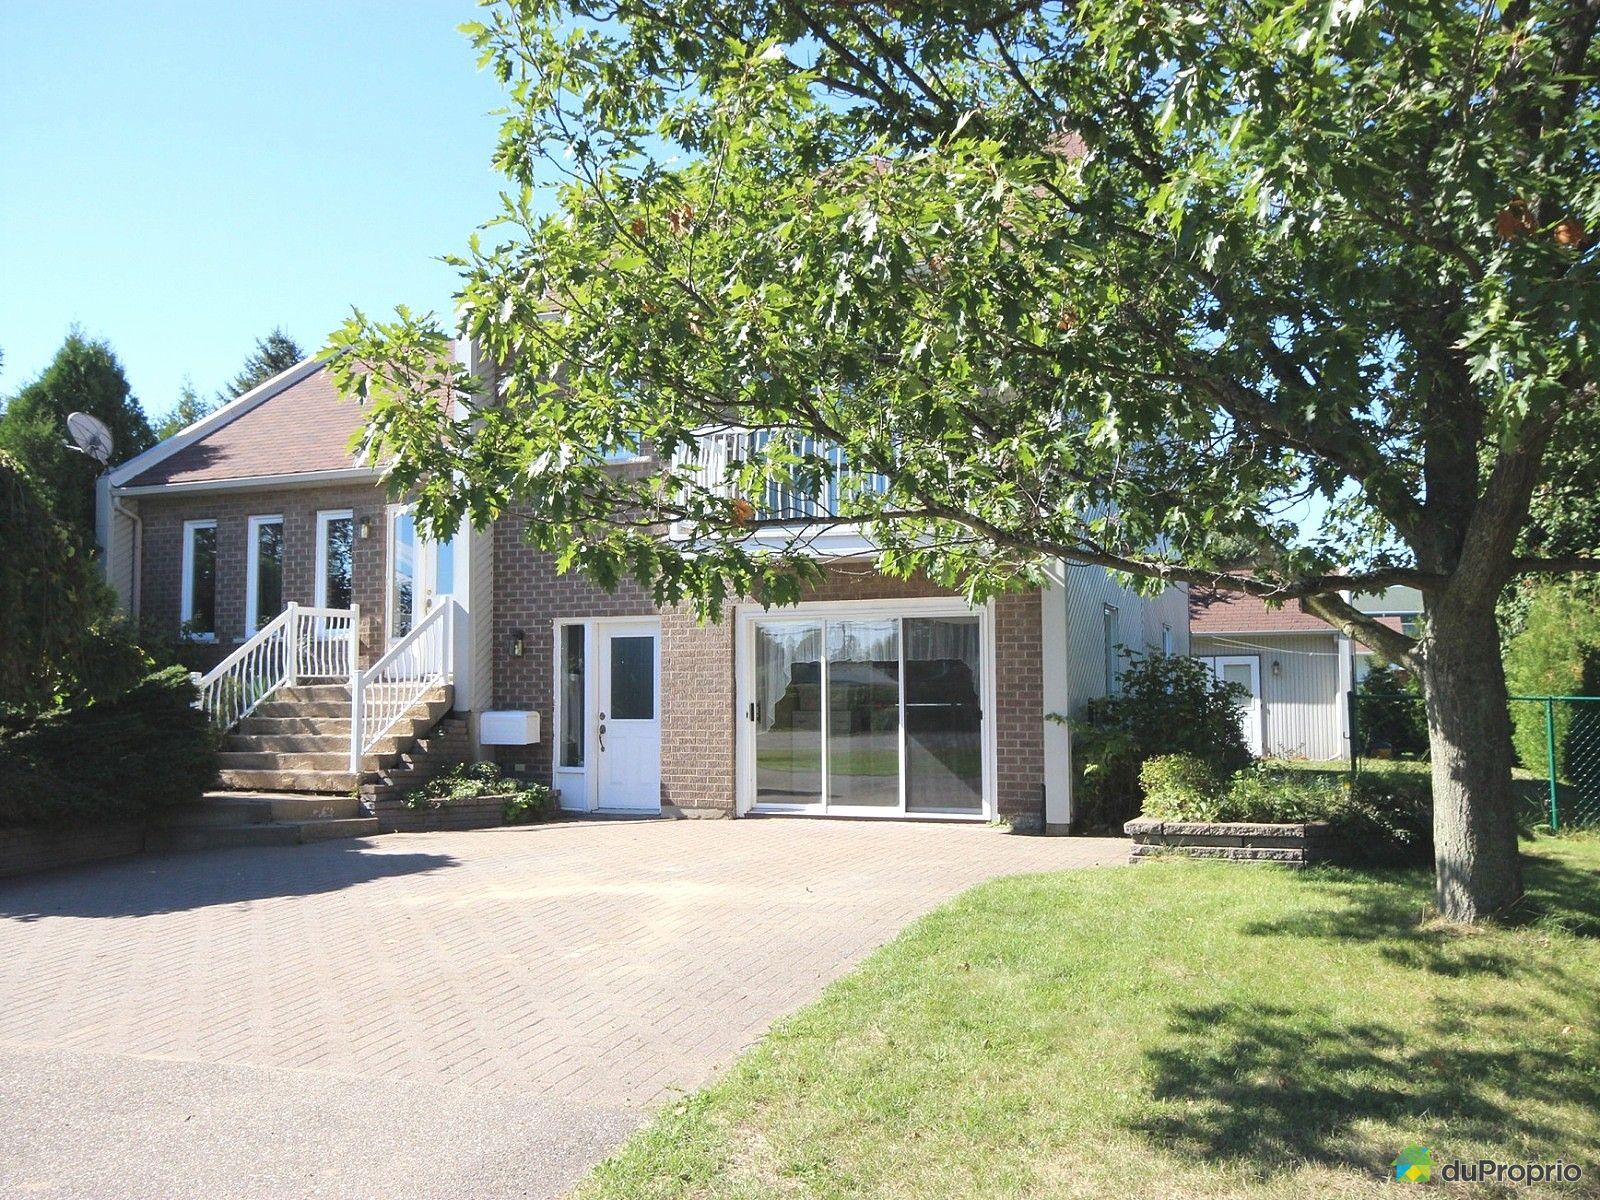 Acheter une maison en location accession ventana blog for Acheter une maison au canada conditions